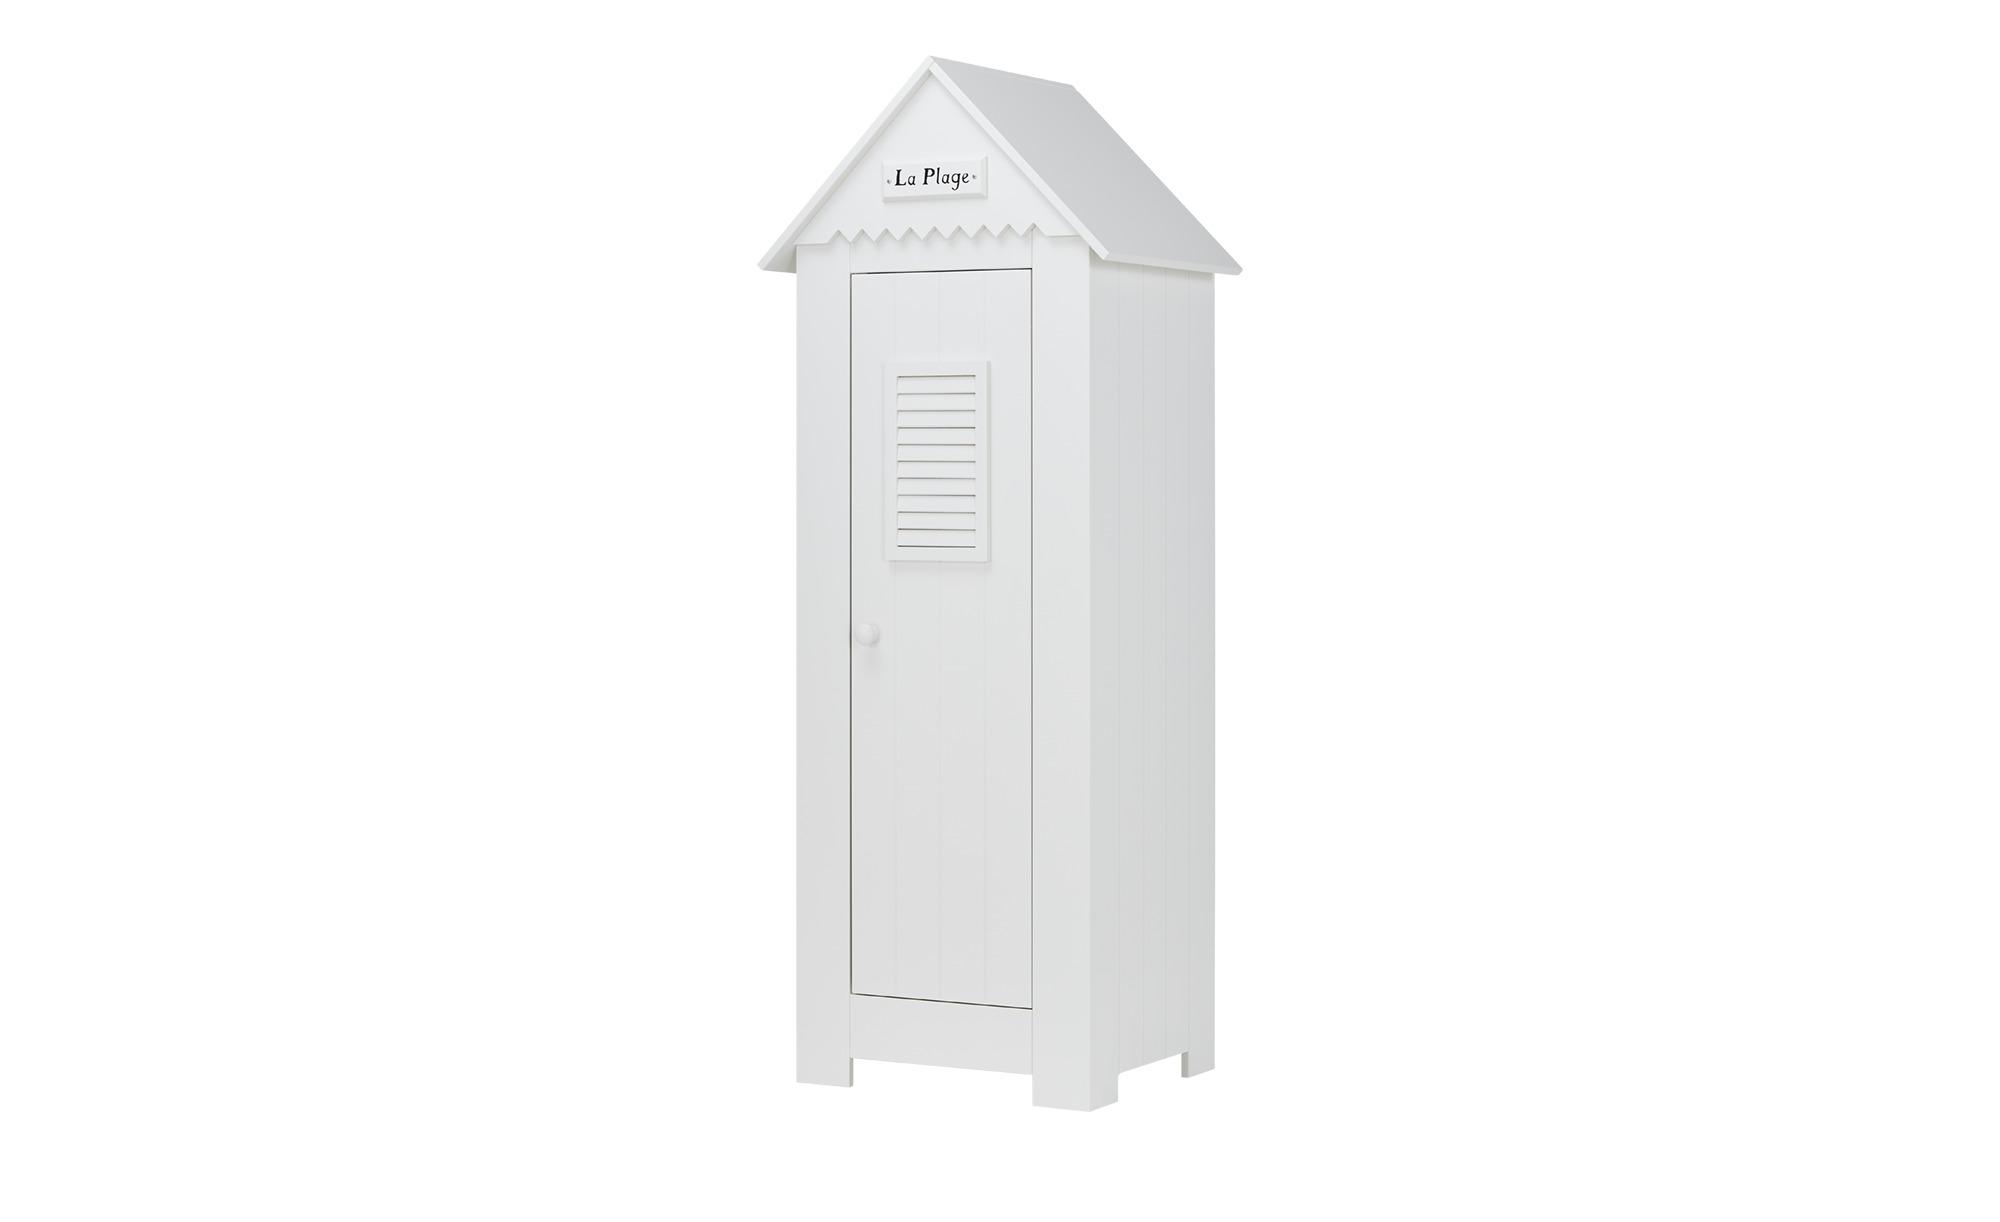 kleiderschrank 1 t rig mara m bel h ffner. Black Bedroom Furniture Sets. Home Design Ideas